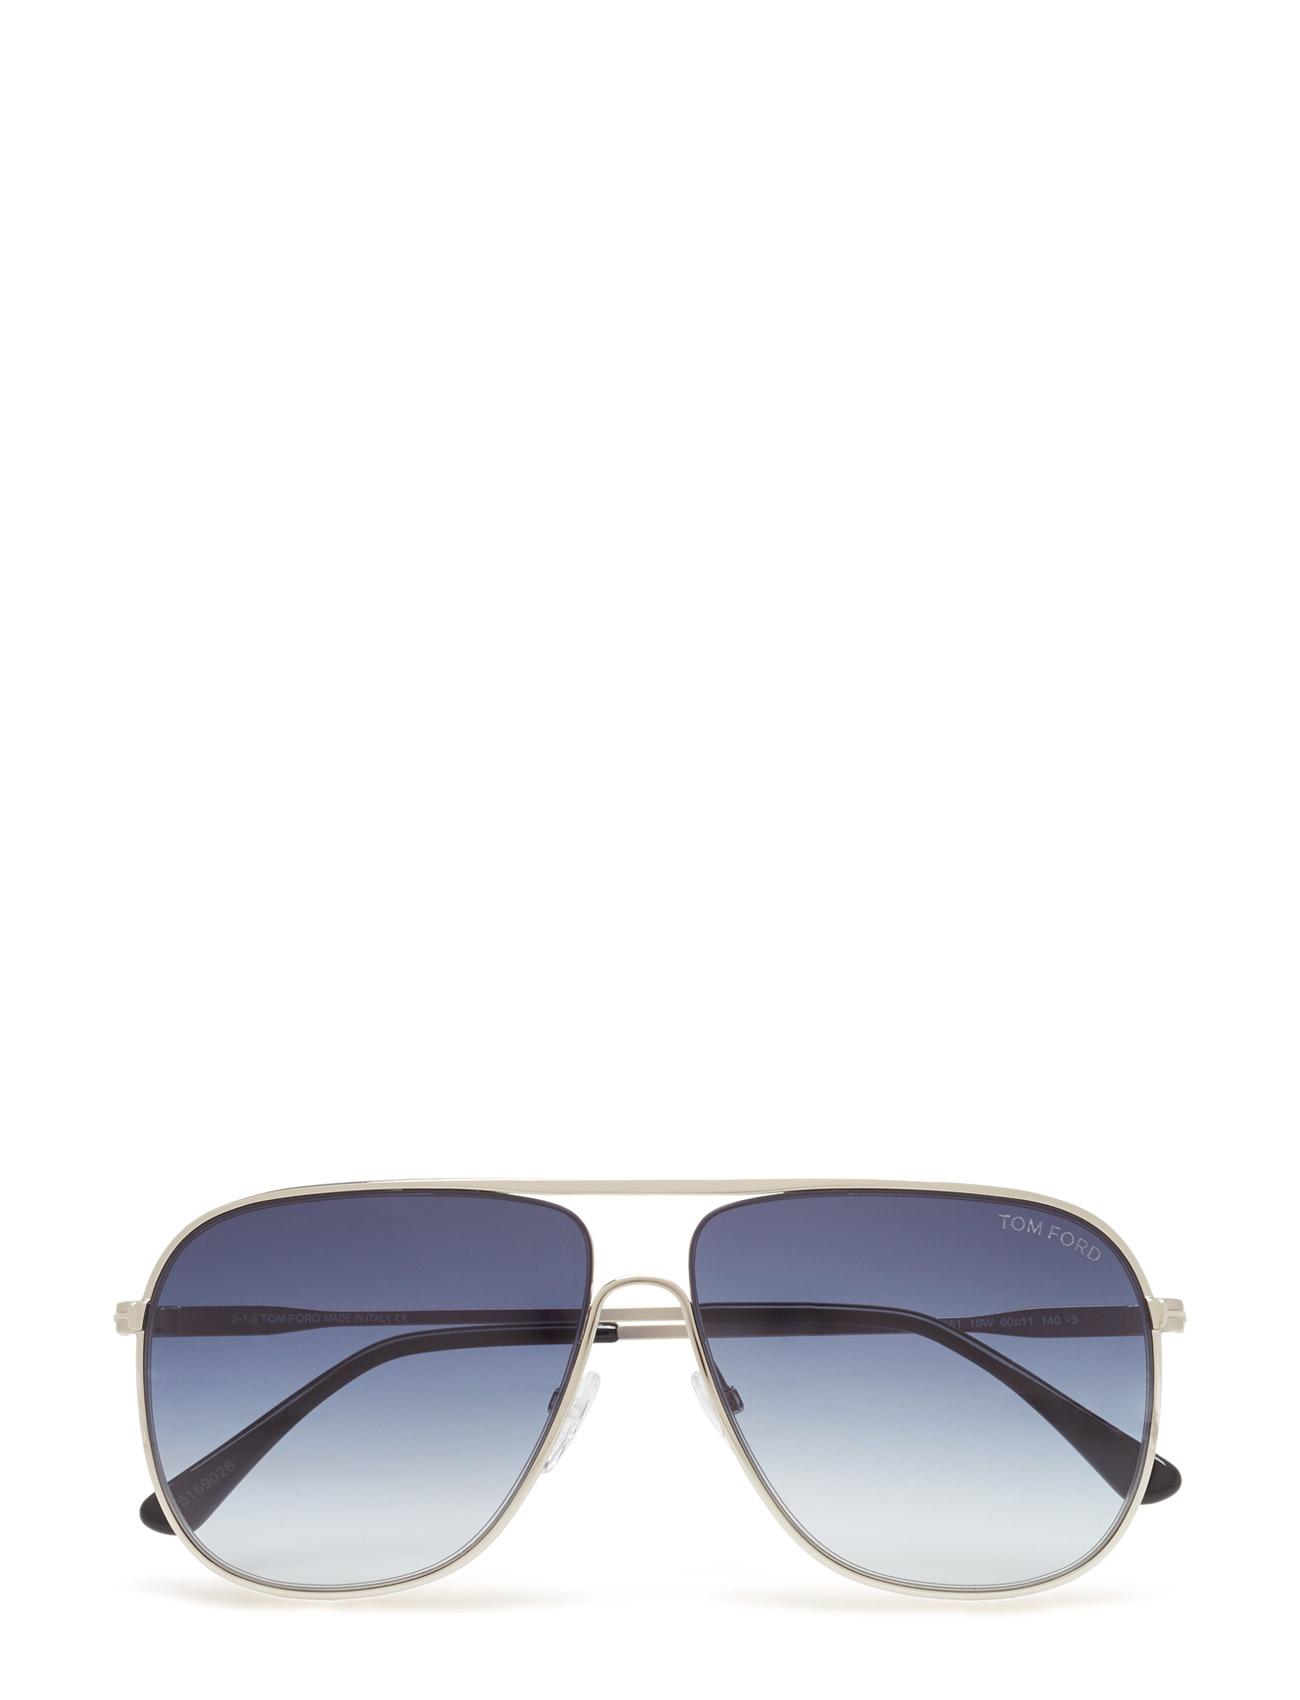 Tom Ford Dominic Tom Ford Sunglasses Solbriller til Herrer i